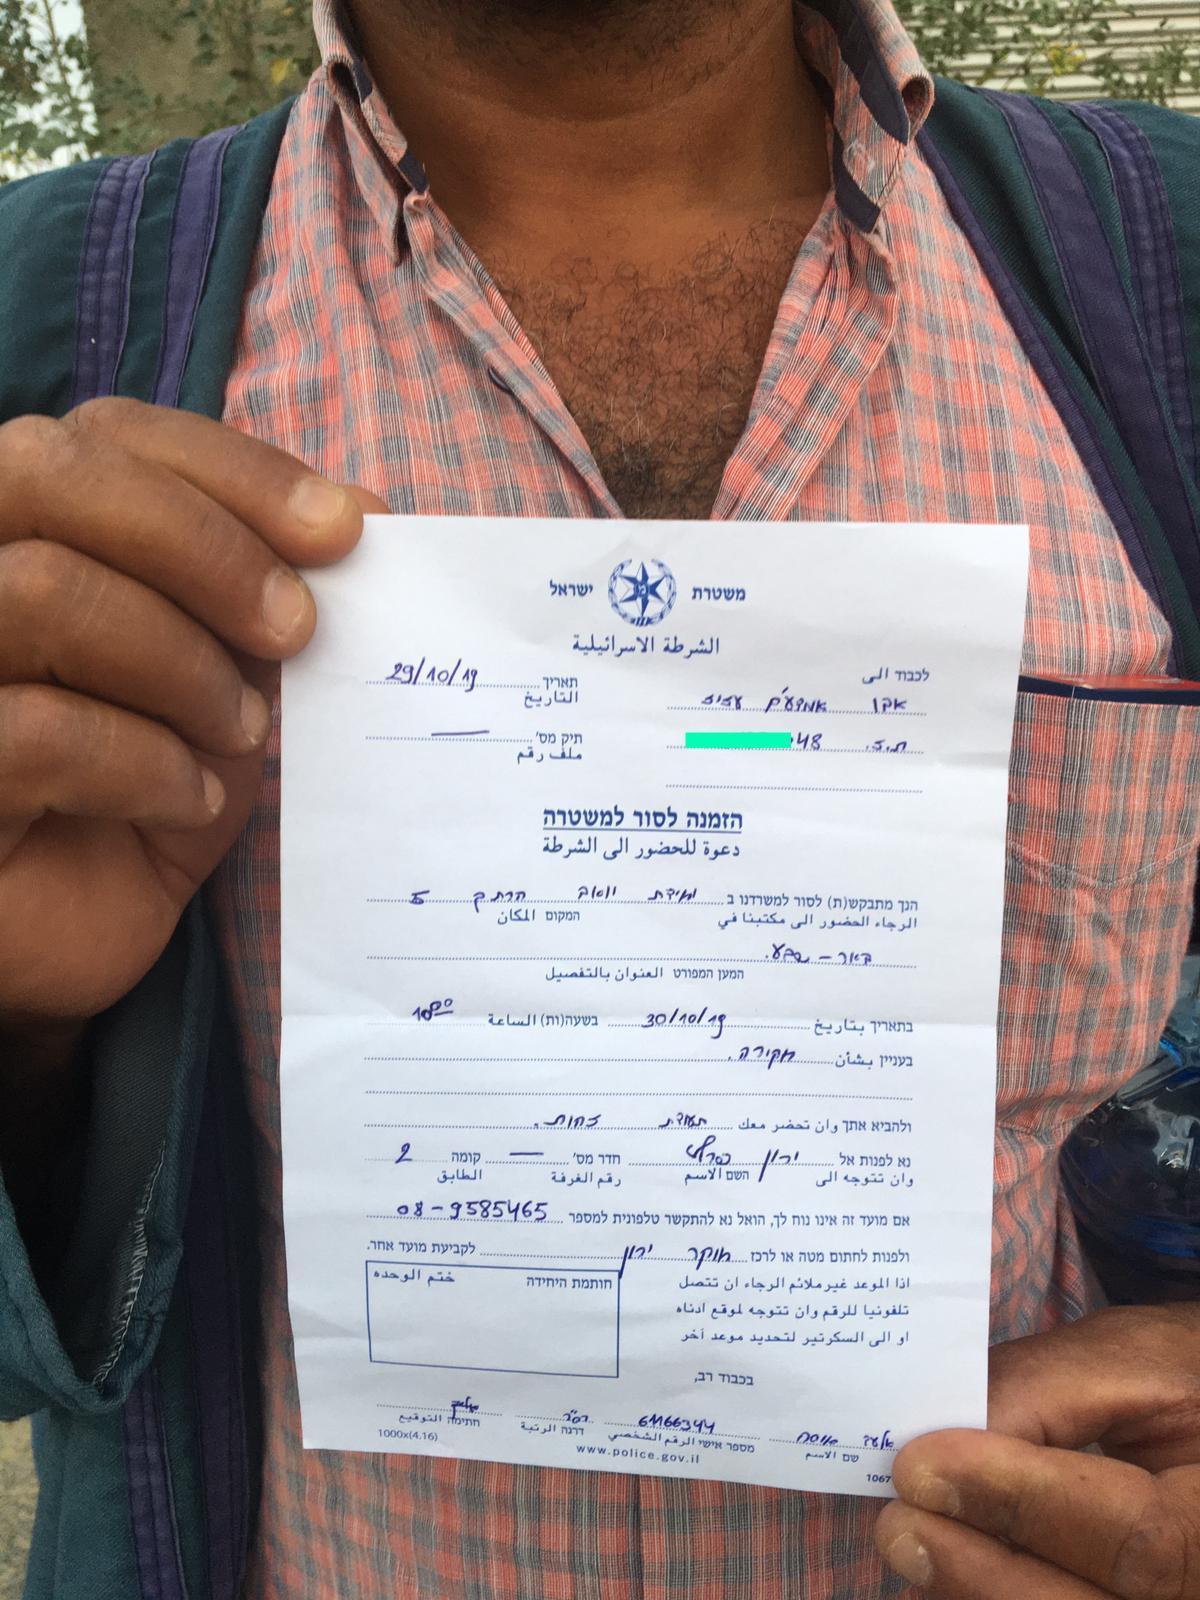 النقب: هدم العراقيب للمرة 165 واعتقال عزيز الطوري